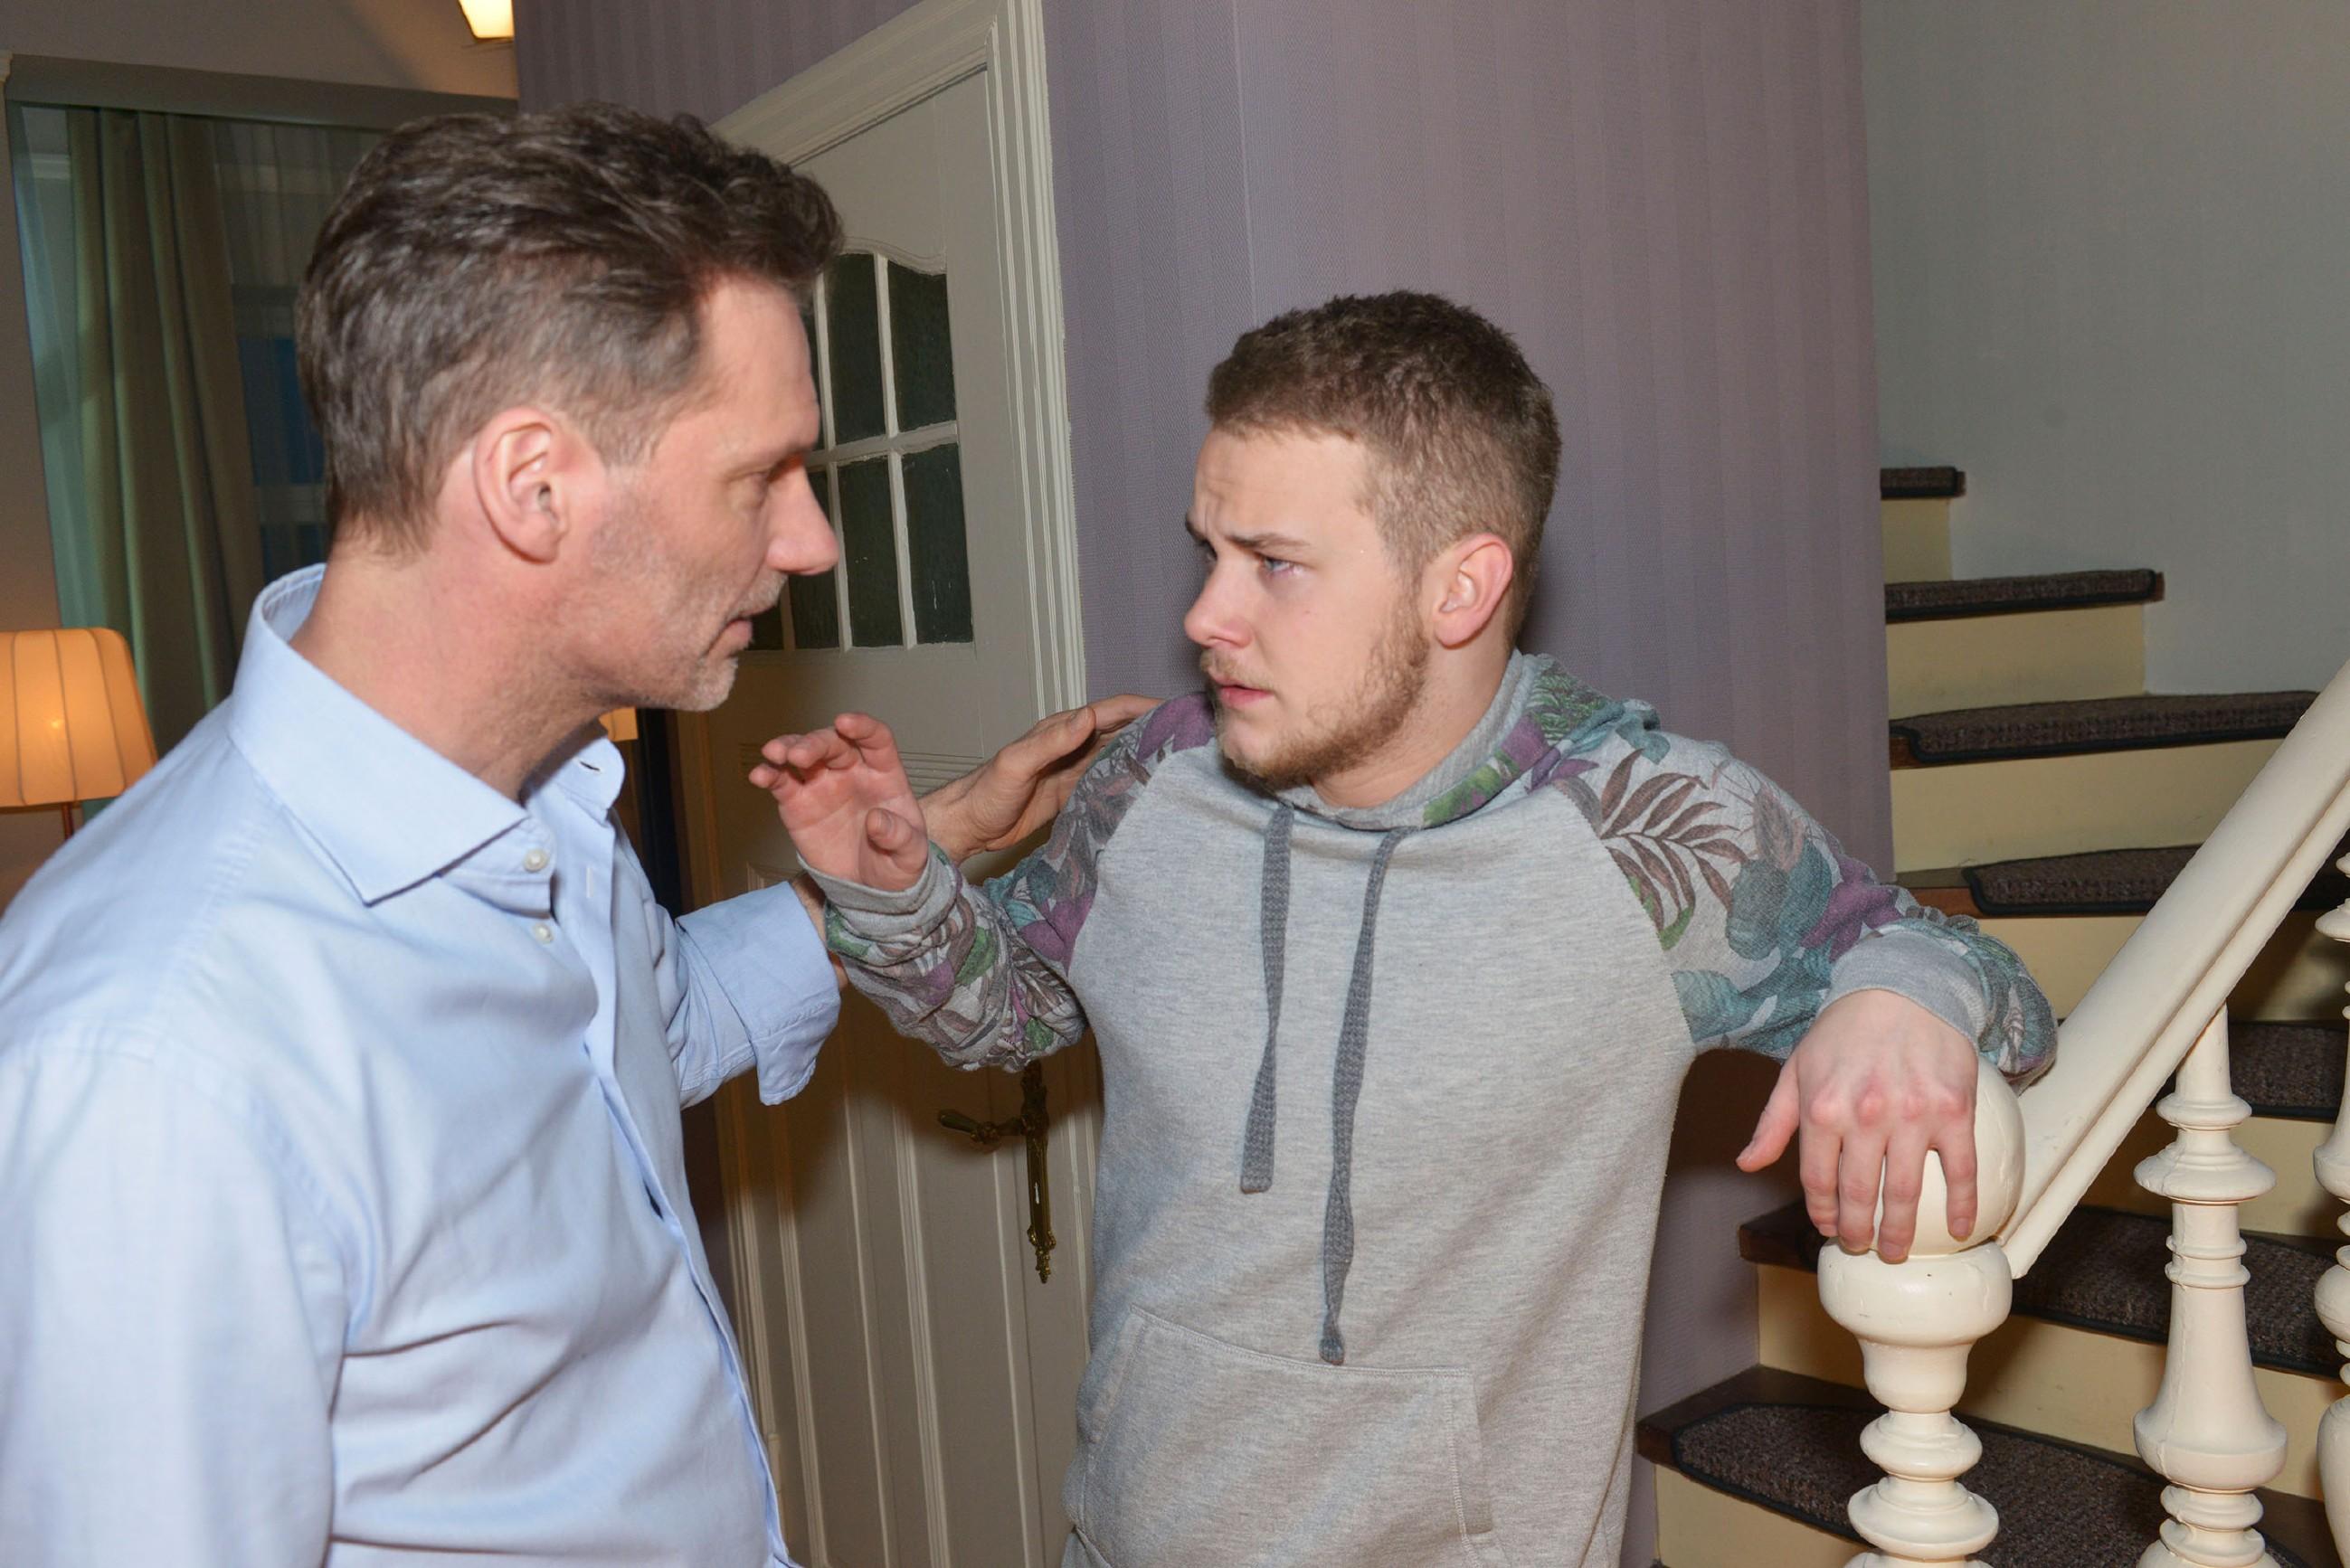 Alexander (Clemens Löhr, l.) versucht Jonas (Felix van Deventer) zu beruhigen, der felsenfest an Marens Unschuld glaubt. (Quelle: RTL / Rolf Baumgartner)